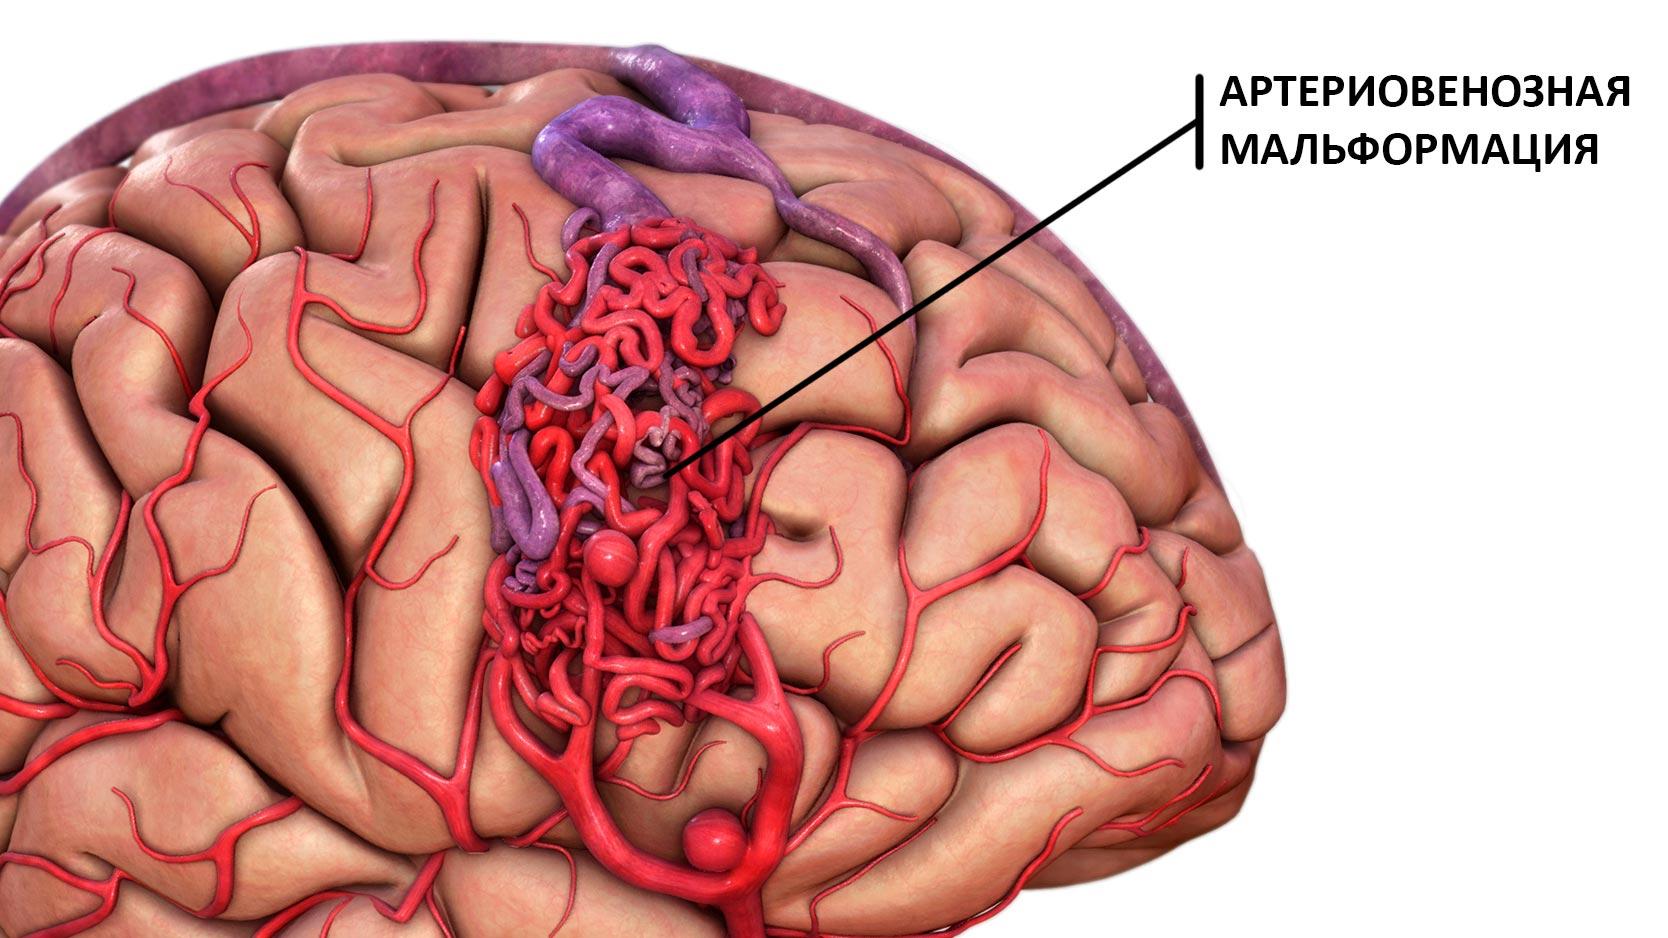 Артериовенозная мальформация головного мозга